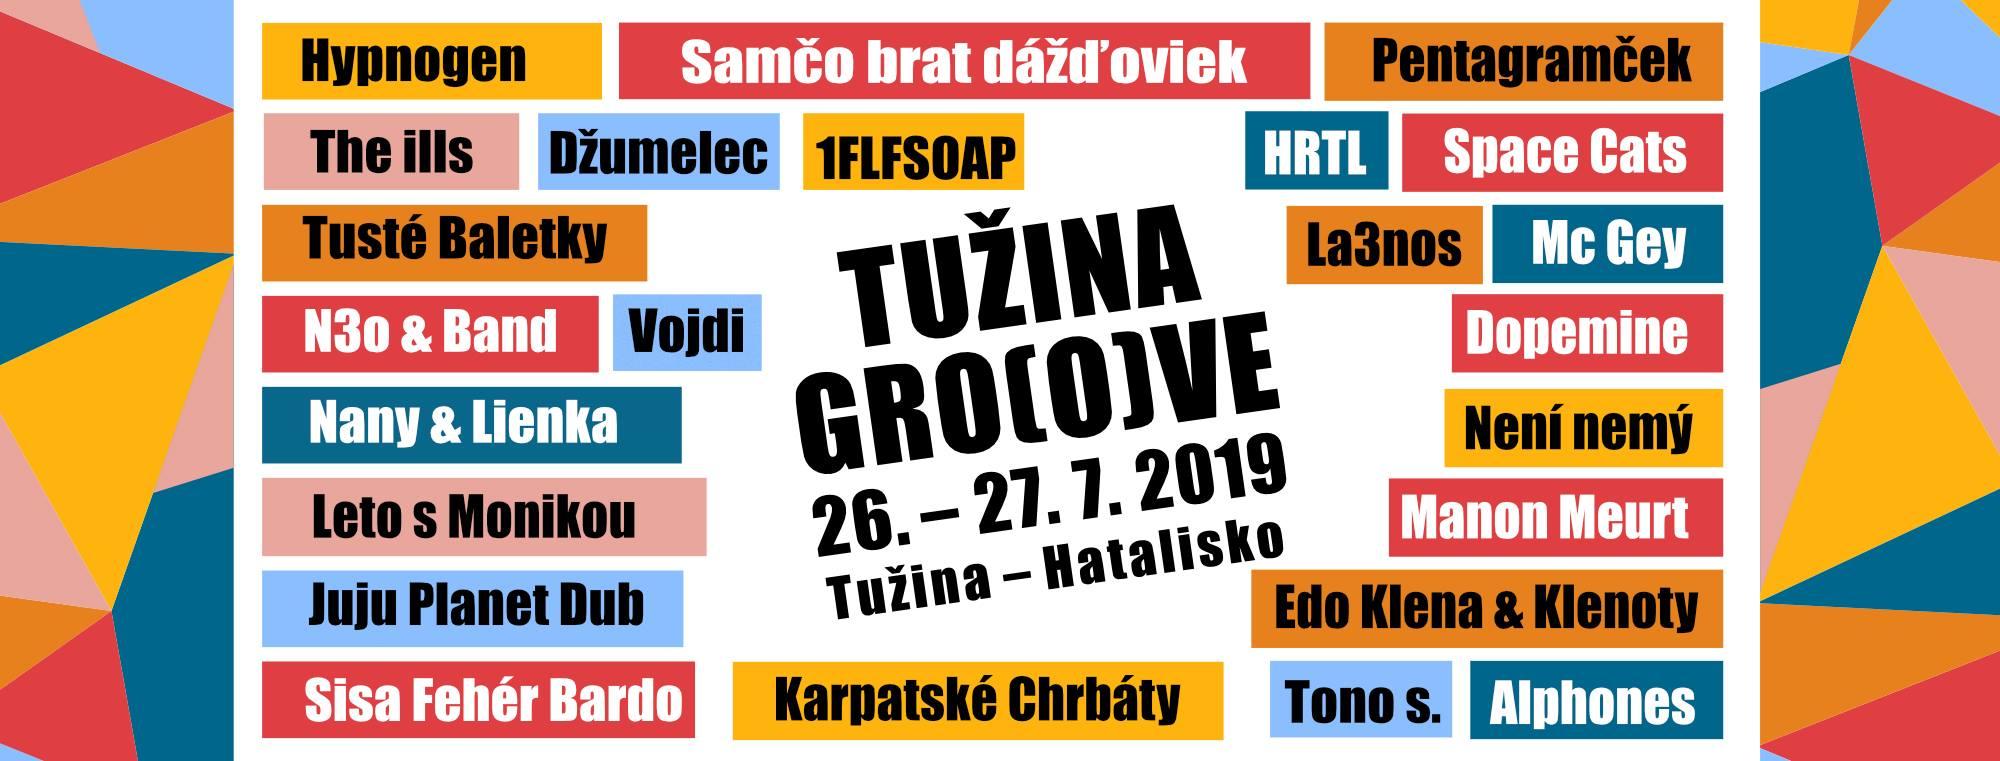 Tužina Groove 2019 - kompletný program